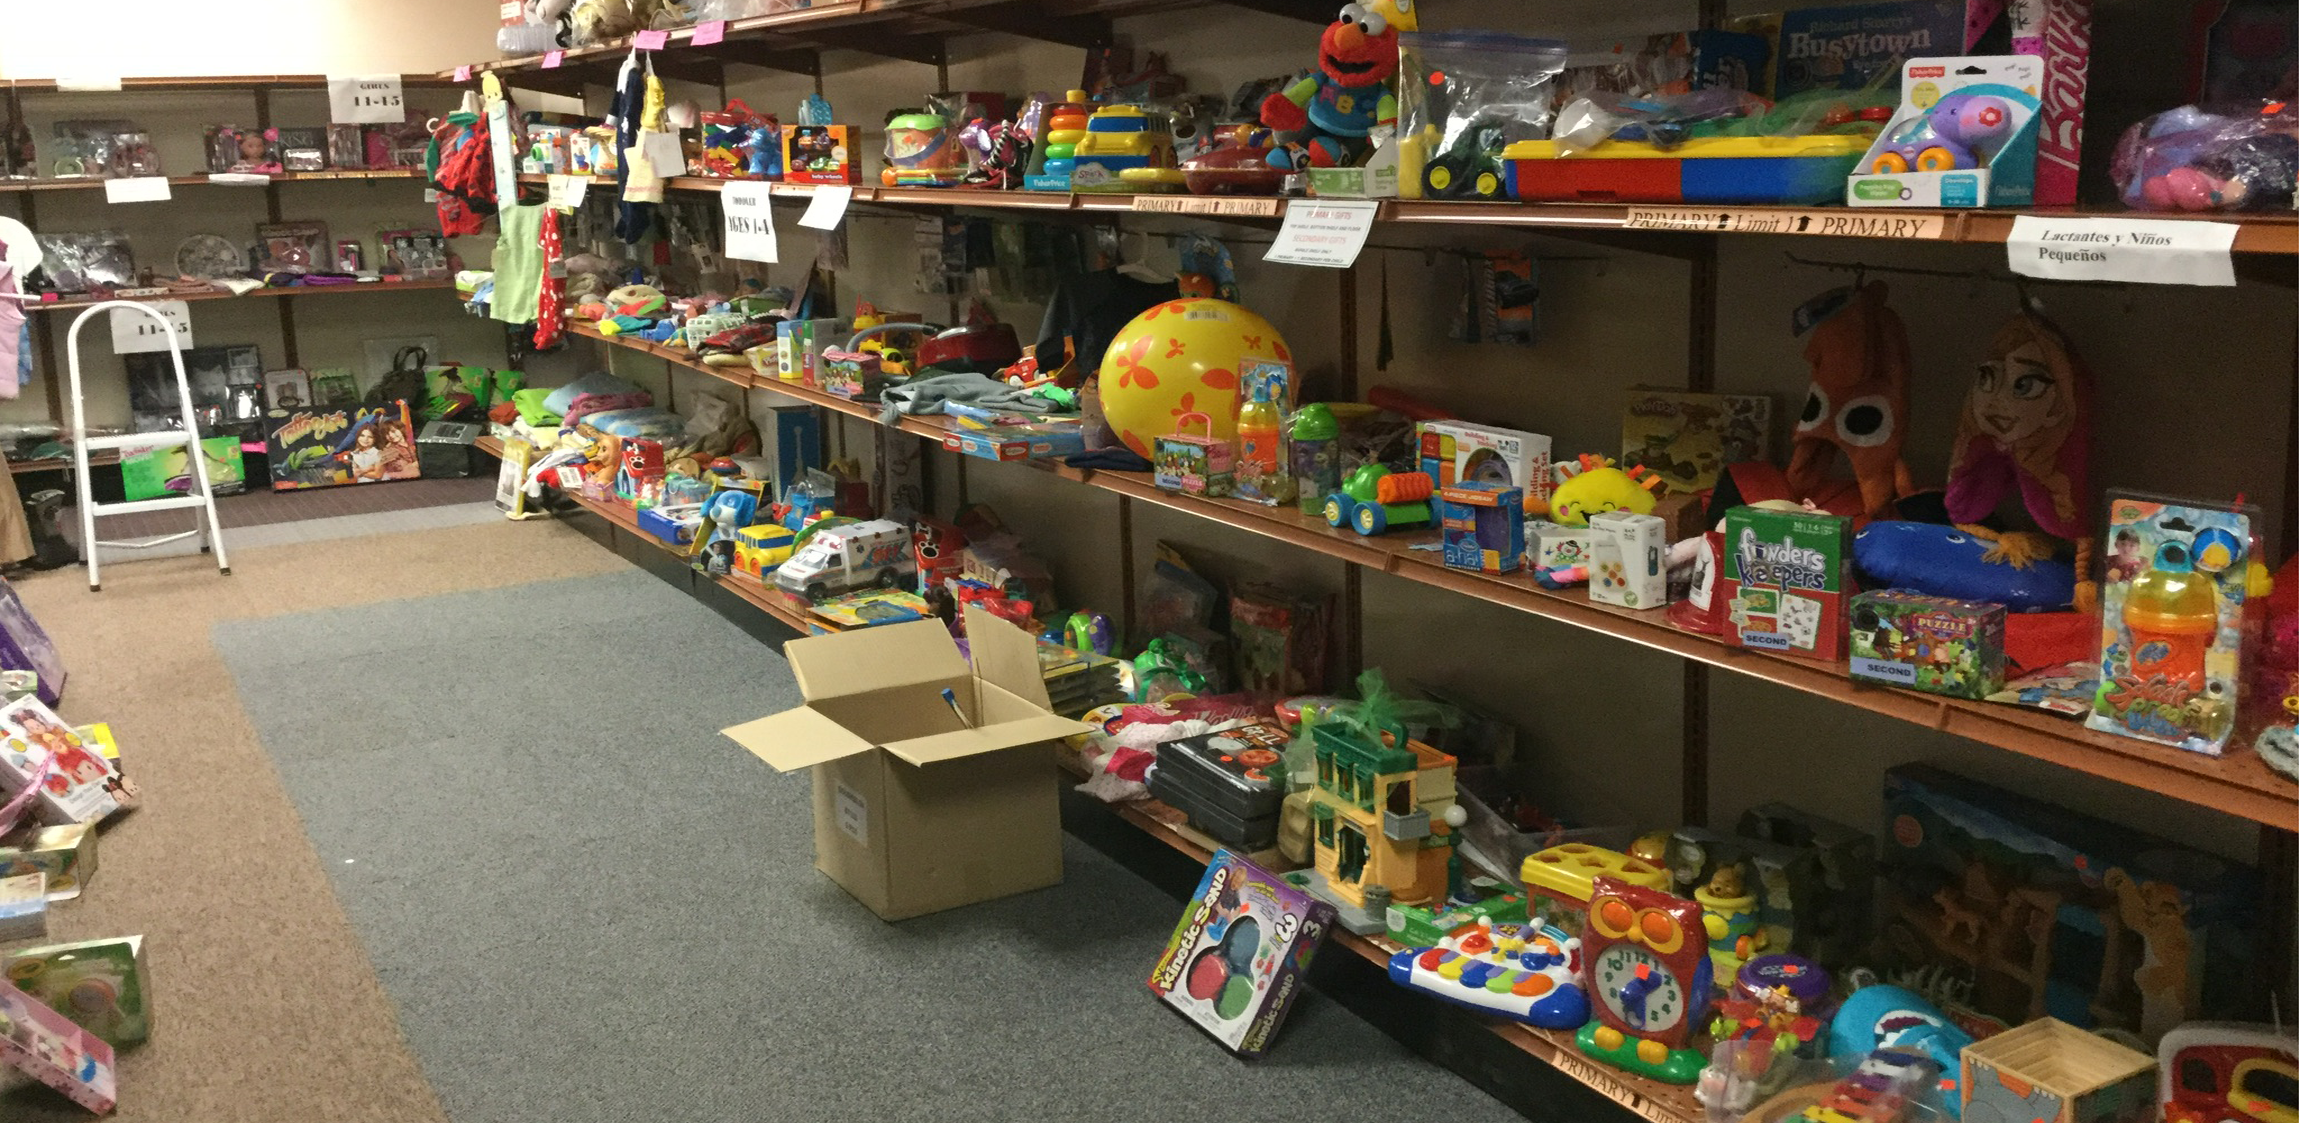 Mattel Gives Back to Tacoma Community